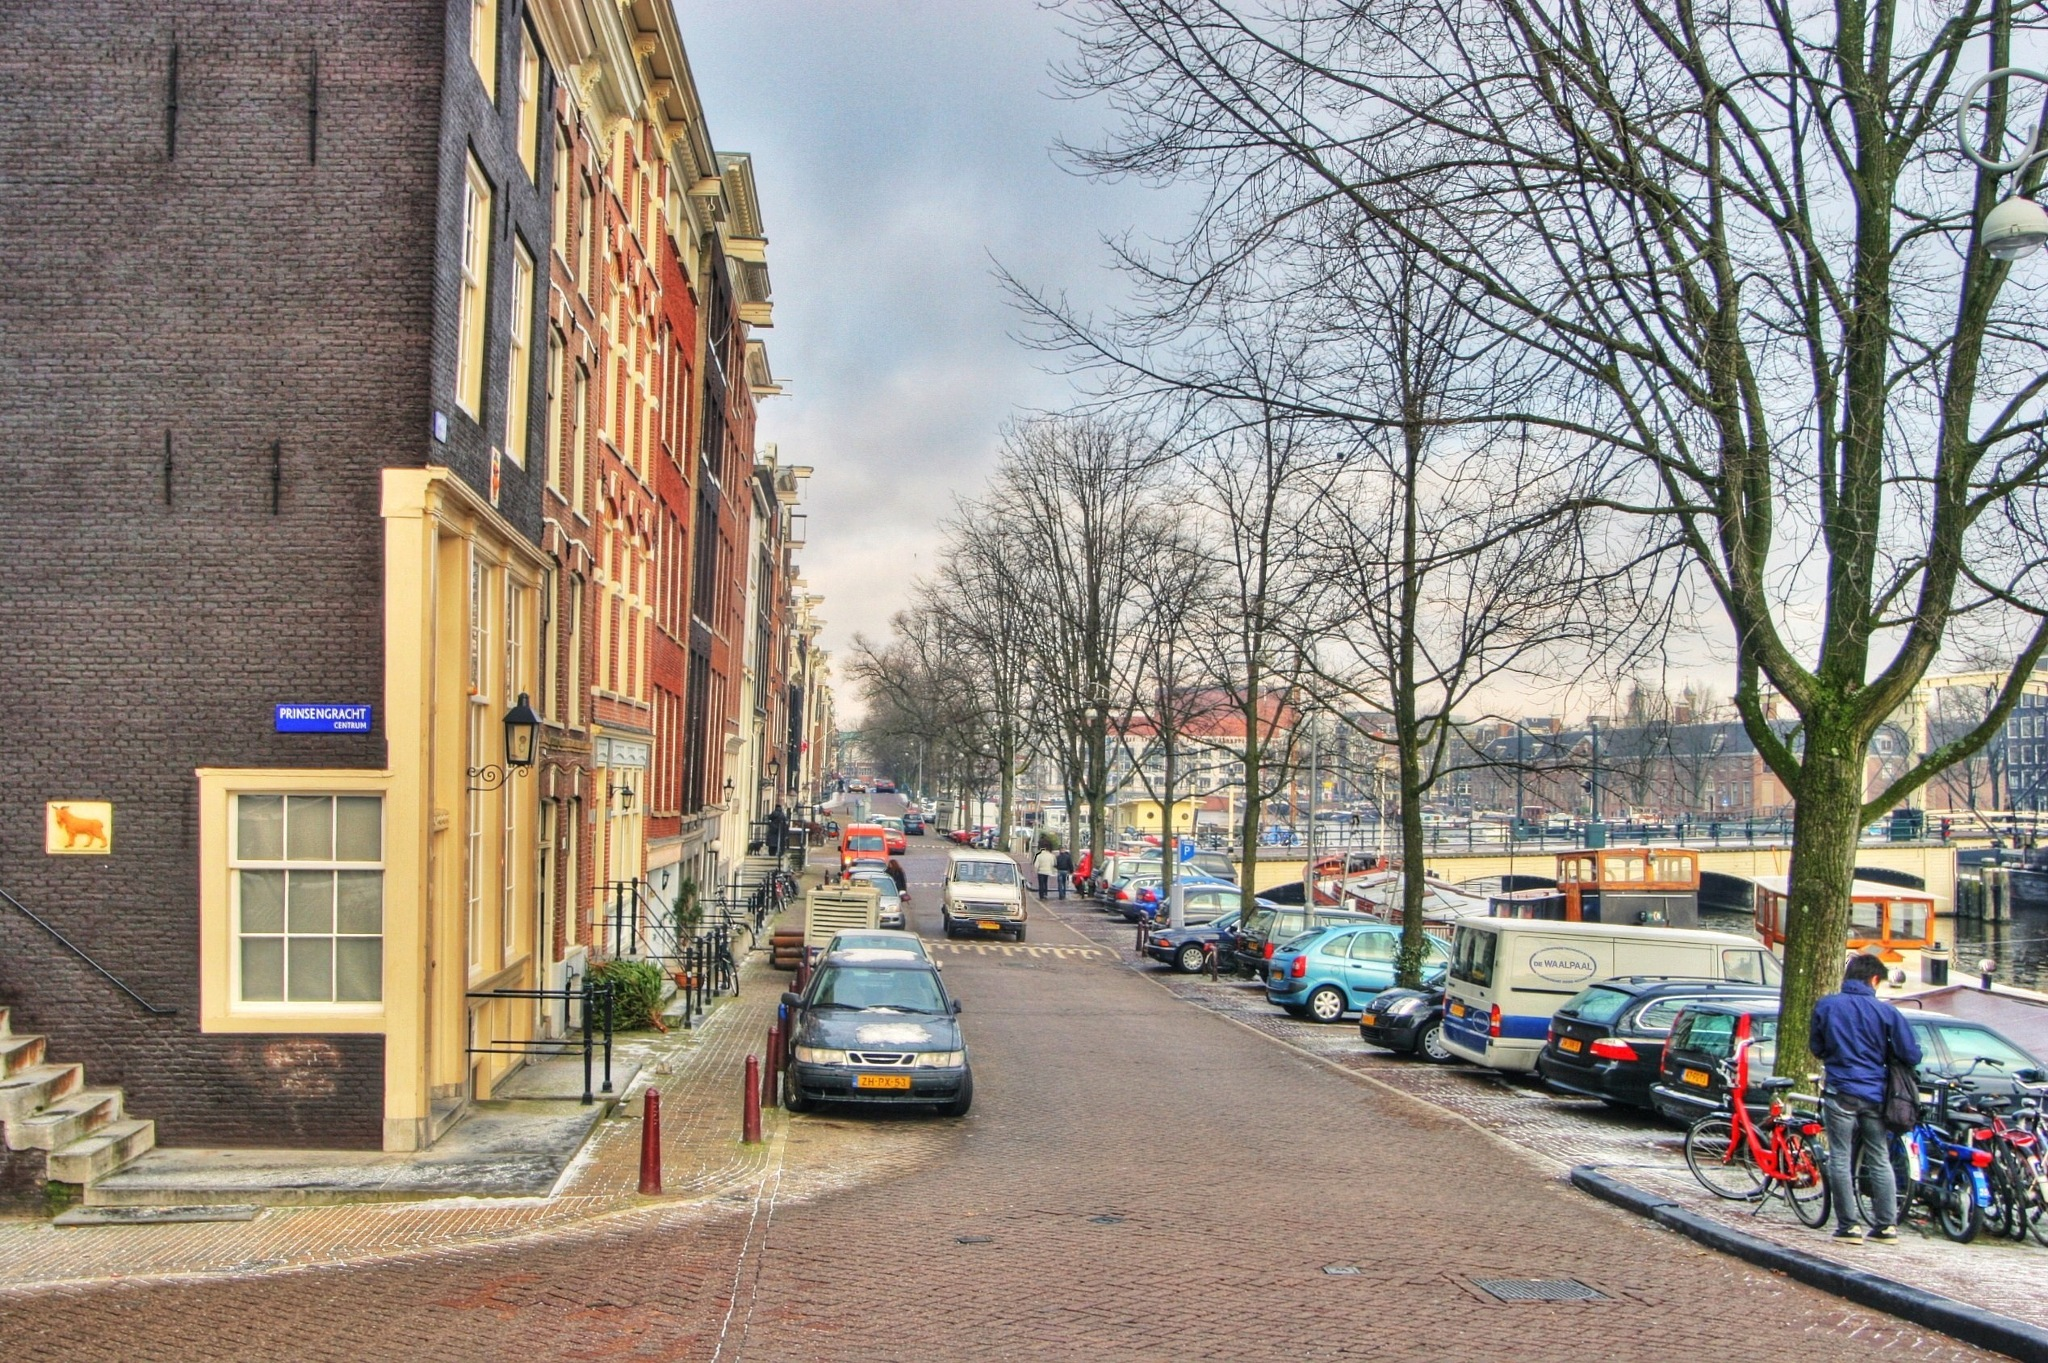 Amsterdam by Frans van Maurik